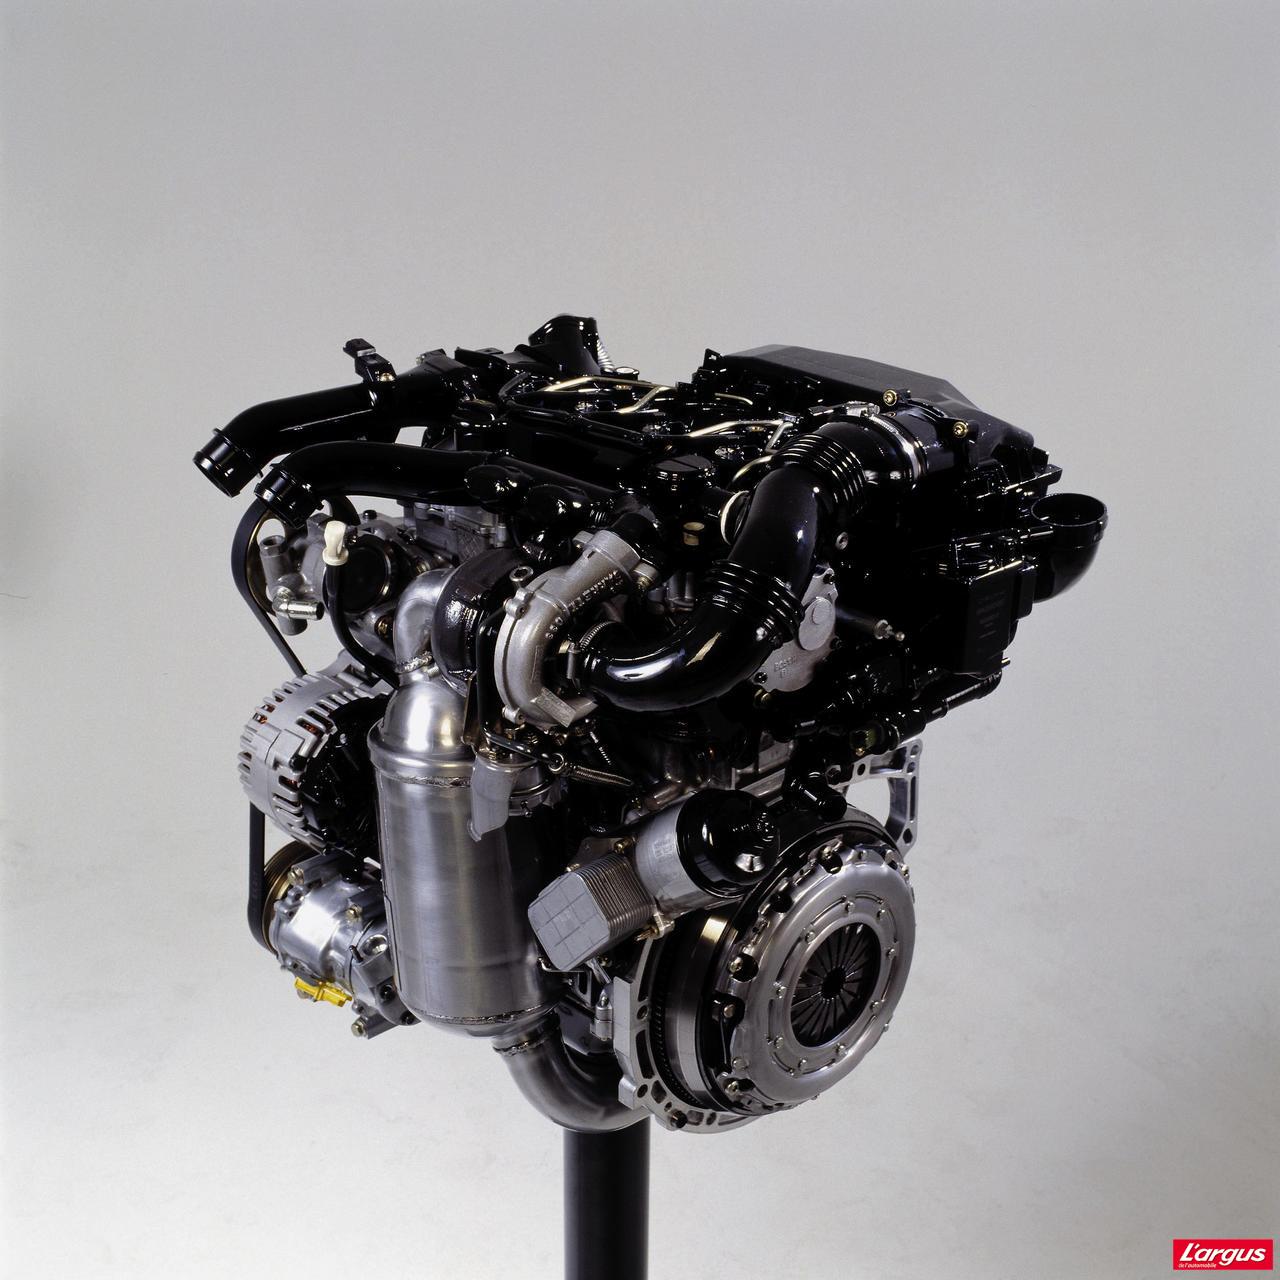 Subaru Diesel Usa >> Moteur 1.5 TDCi : Ford fait cavalier seul - L'argus